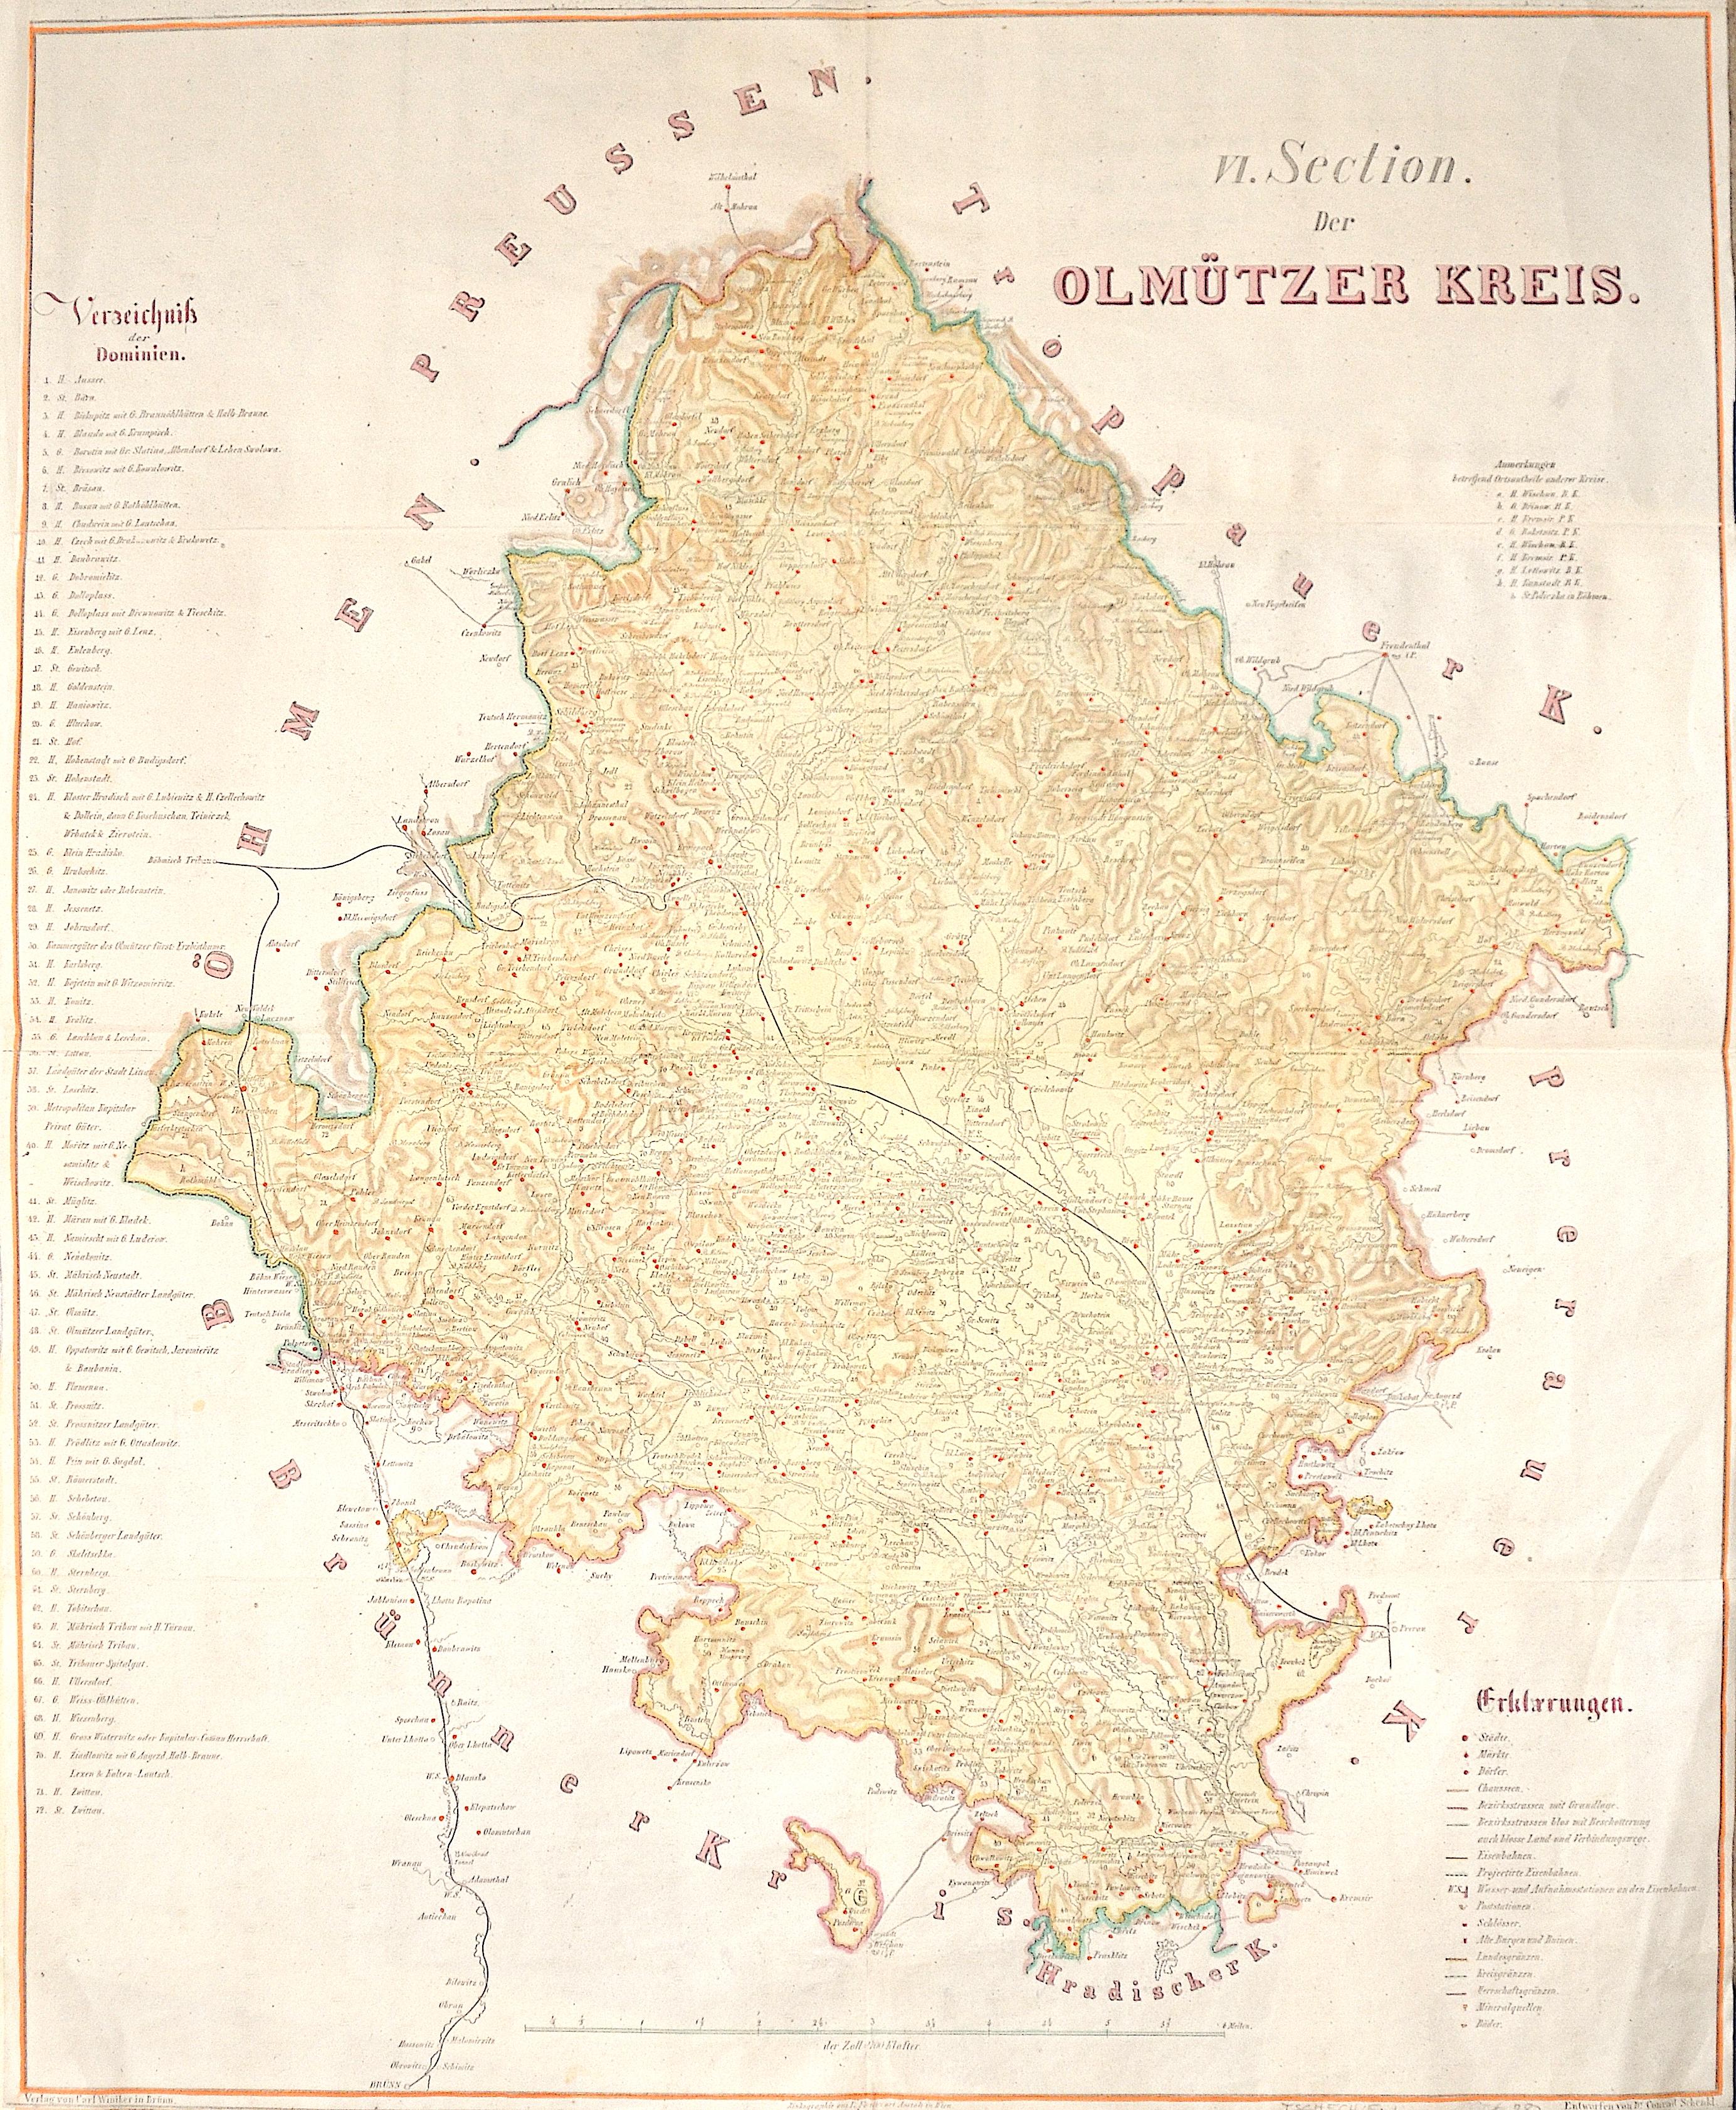 Schenkl  VI. Section. Der Olmützer Kreis.